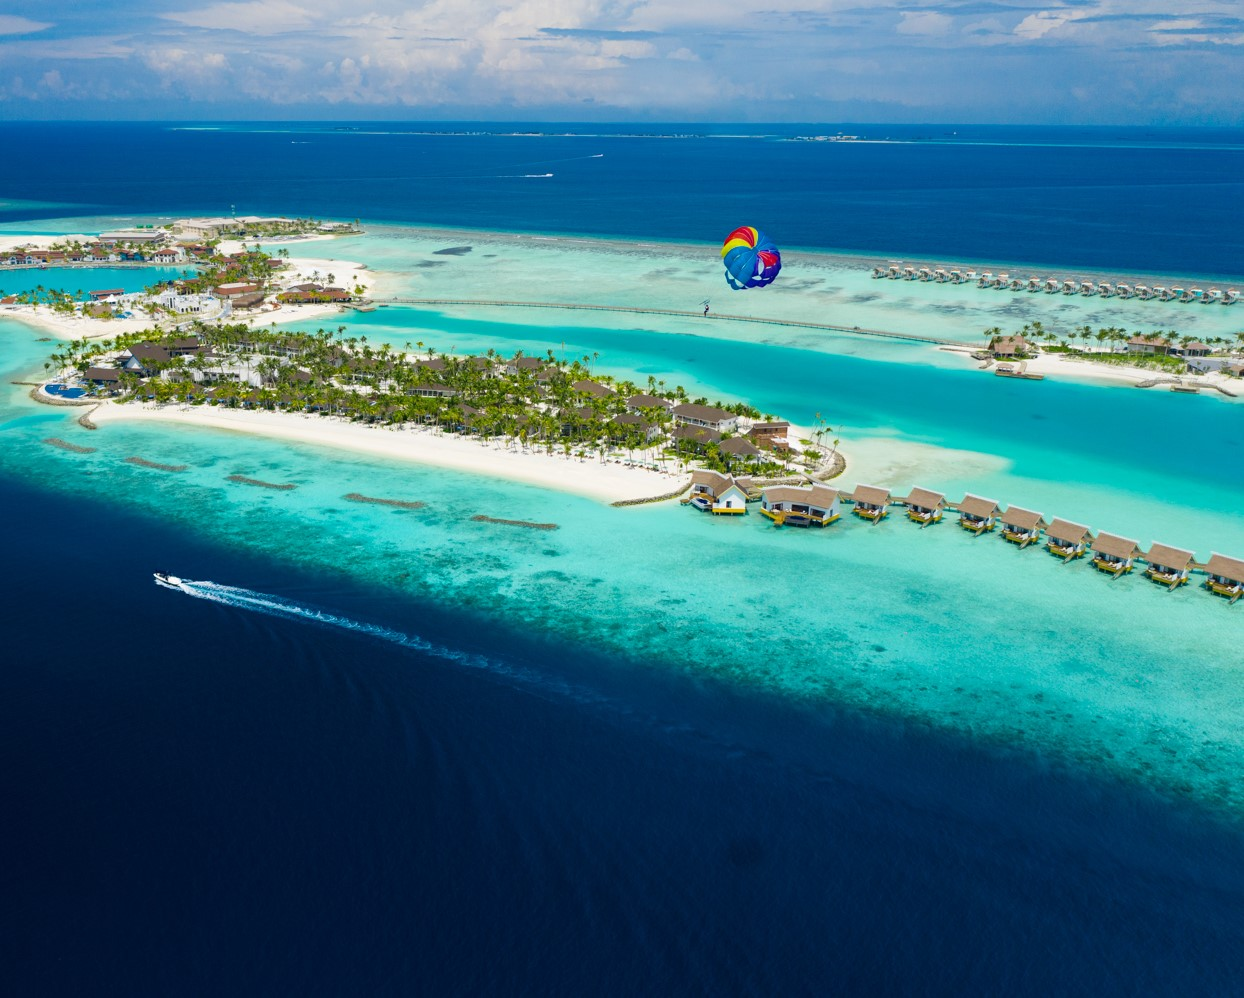 SAii Lagoon Maldives_Parasailing 1